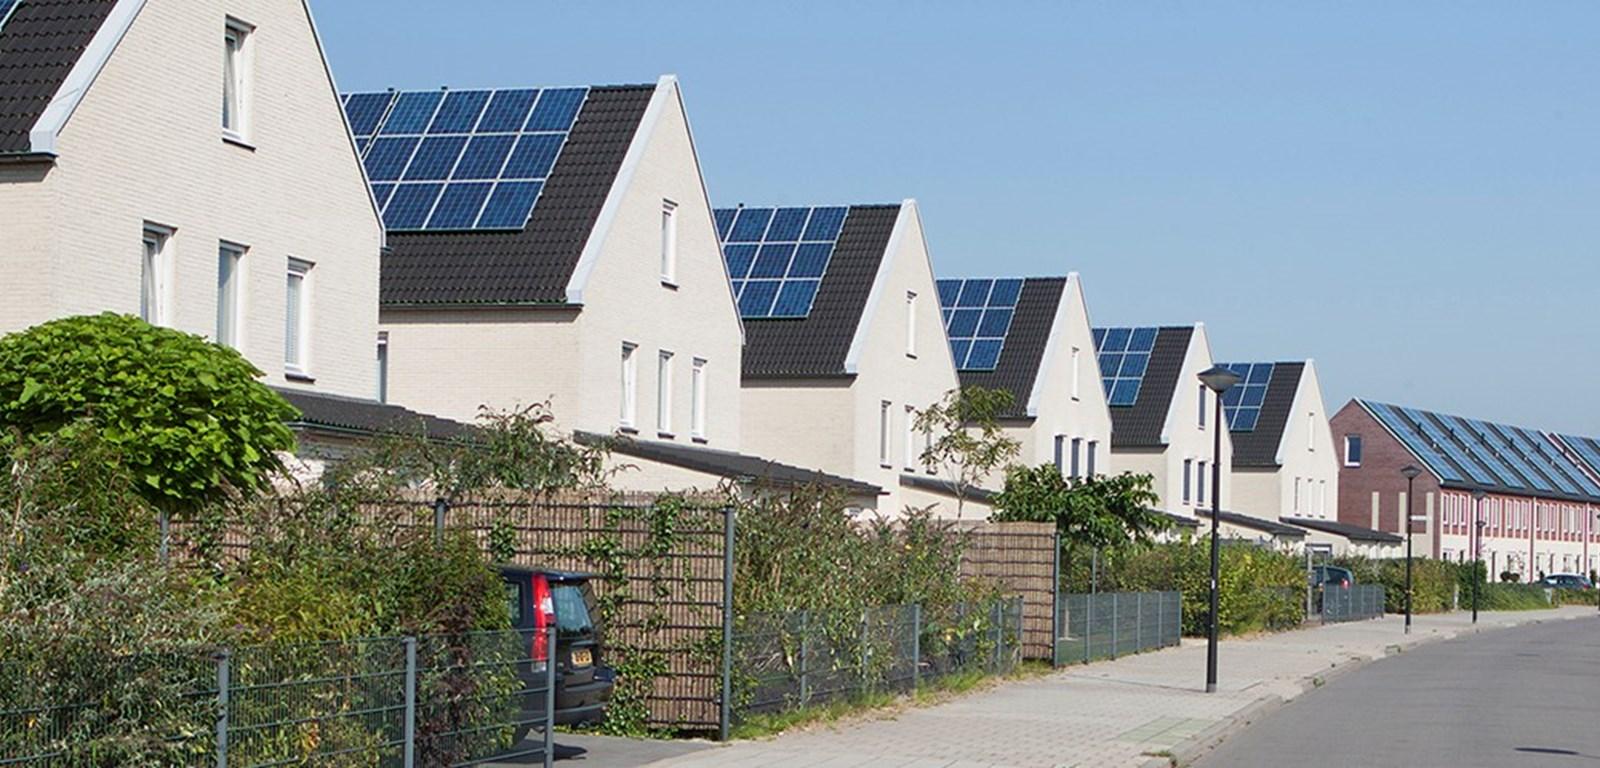 Informatie over energienetten handig bij elkaar gebracht